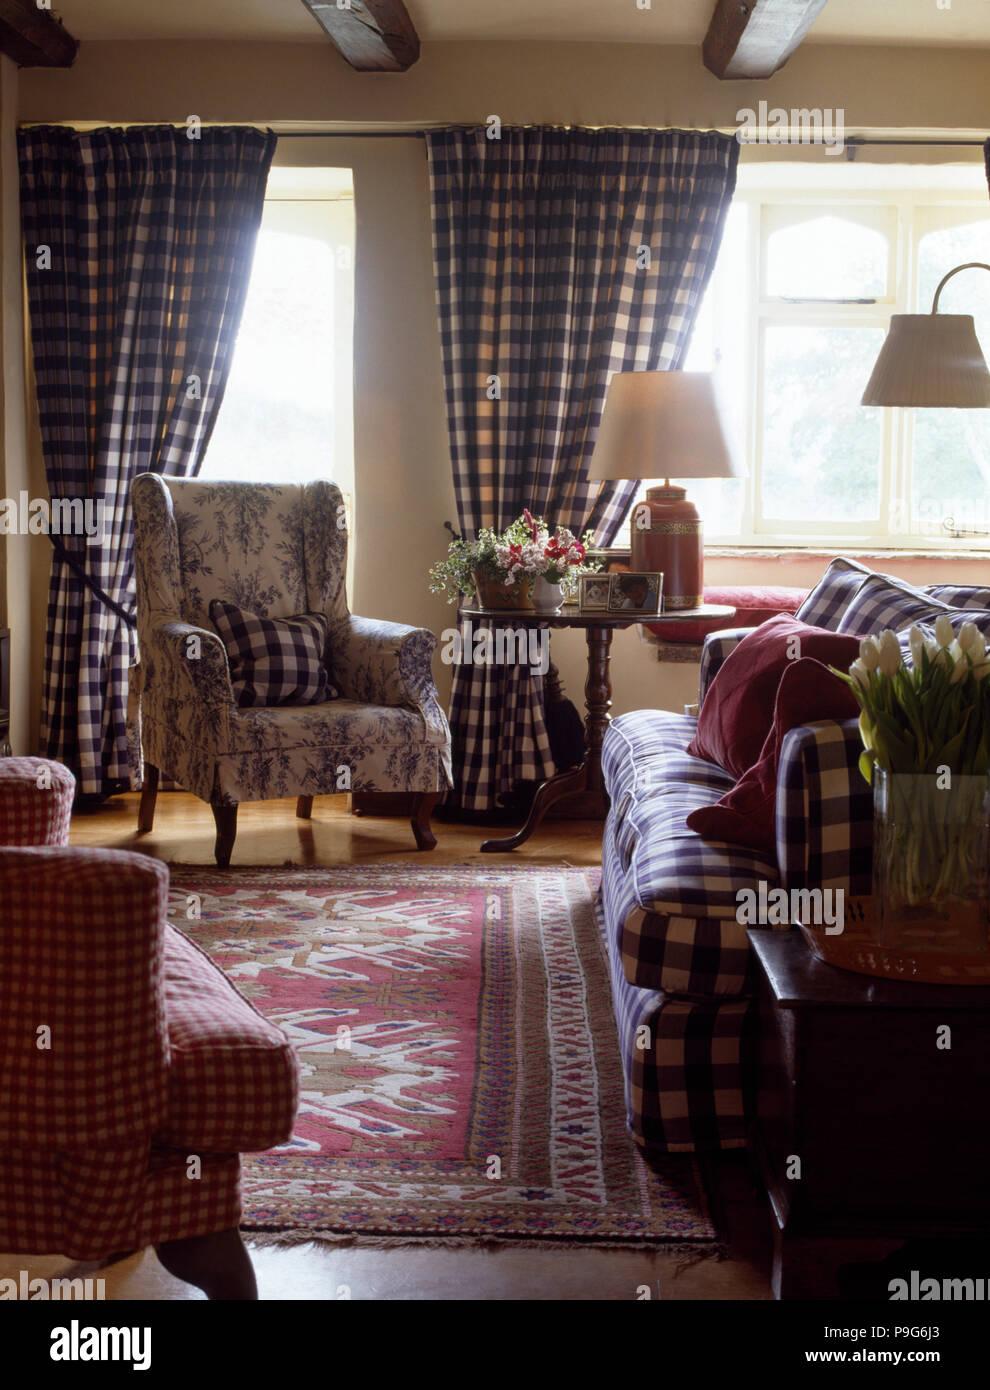 Blau Weiß Karierte Vorhänge Und Sofa In Einem Land Wohnzimmer Mit Toile De  Jouy Sessel